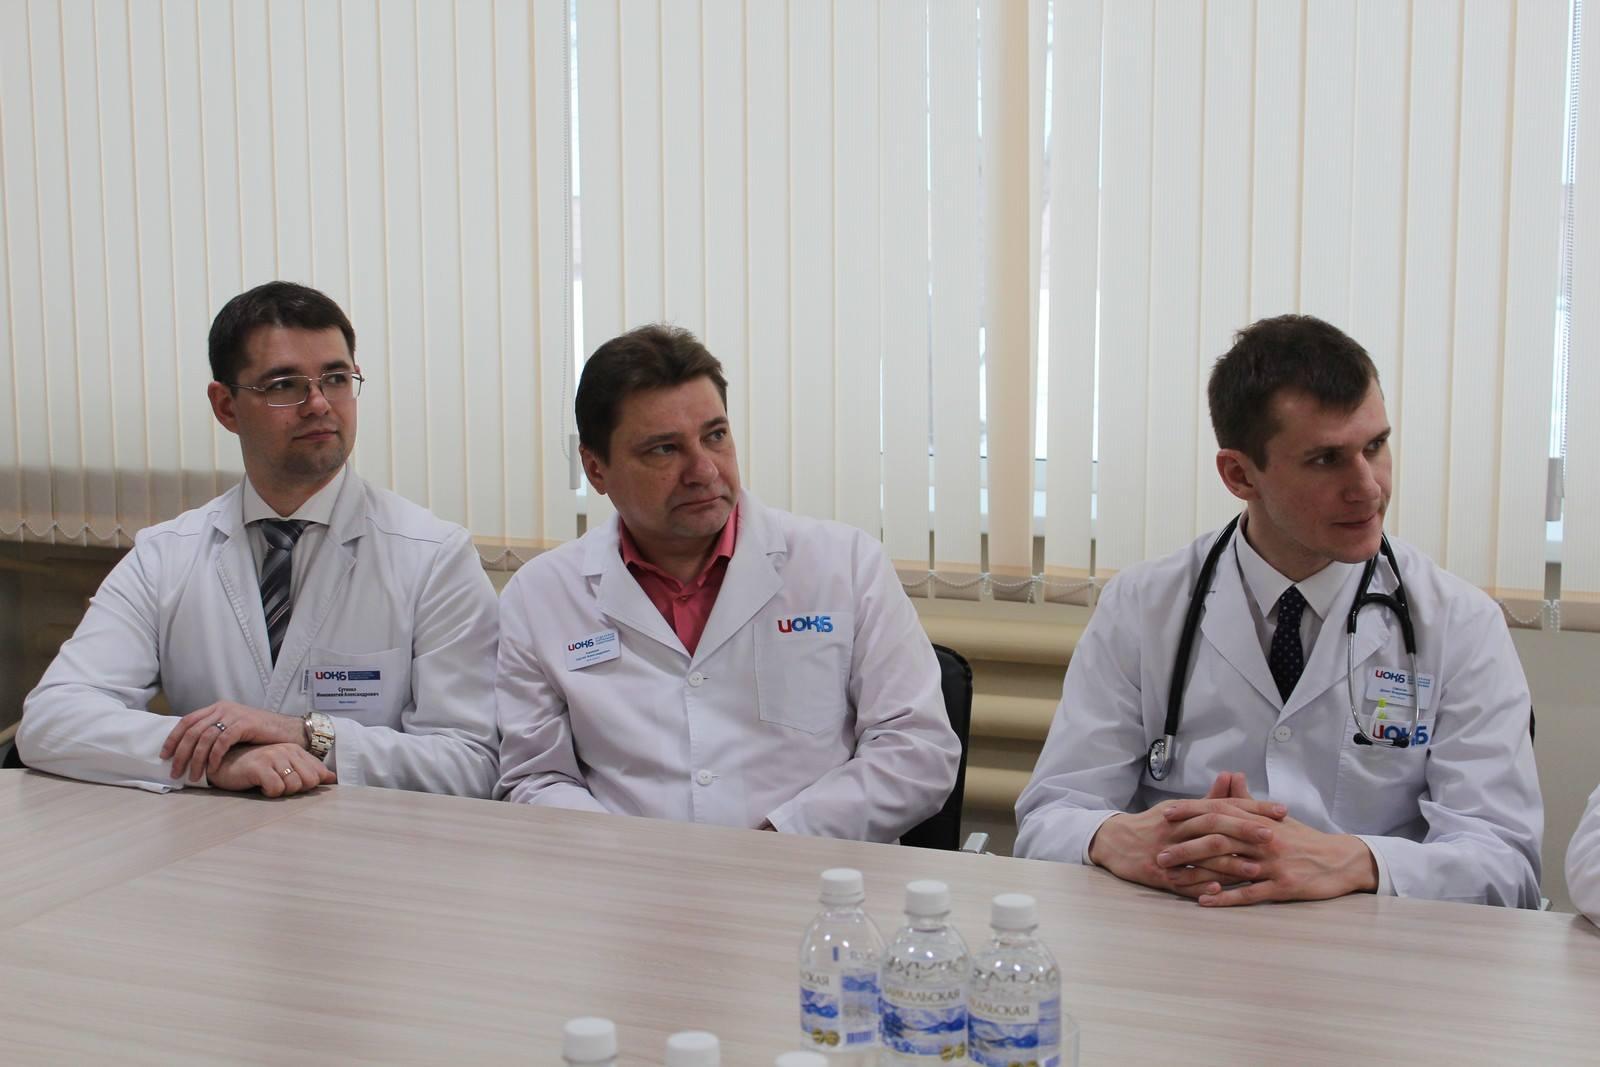 В Приангарье в ГБУЗ «Иркутская ордена «Знак Почета» областная клиническая больница» впервые прошла операция по пересадке печени. Она была выполнена с участием специалистов из Новосибирской области – заместителя главного врача по хирургической помощи …